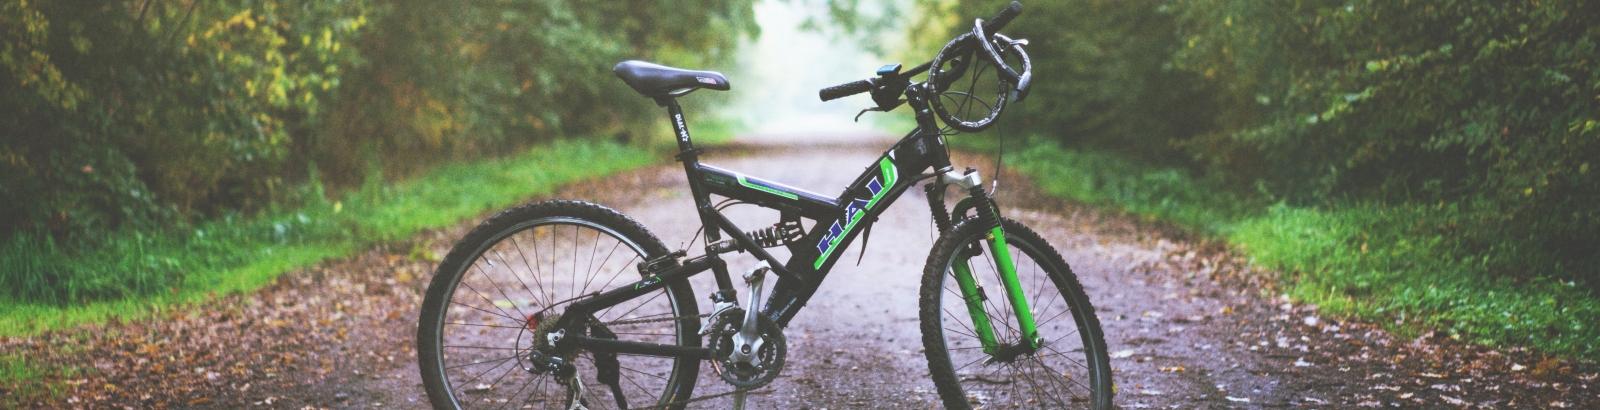 Photo d'un vélo sur un chemin en pleine forêt